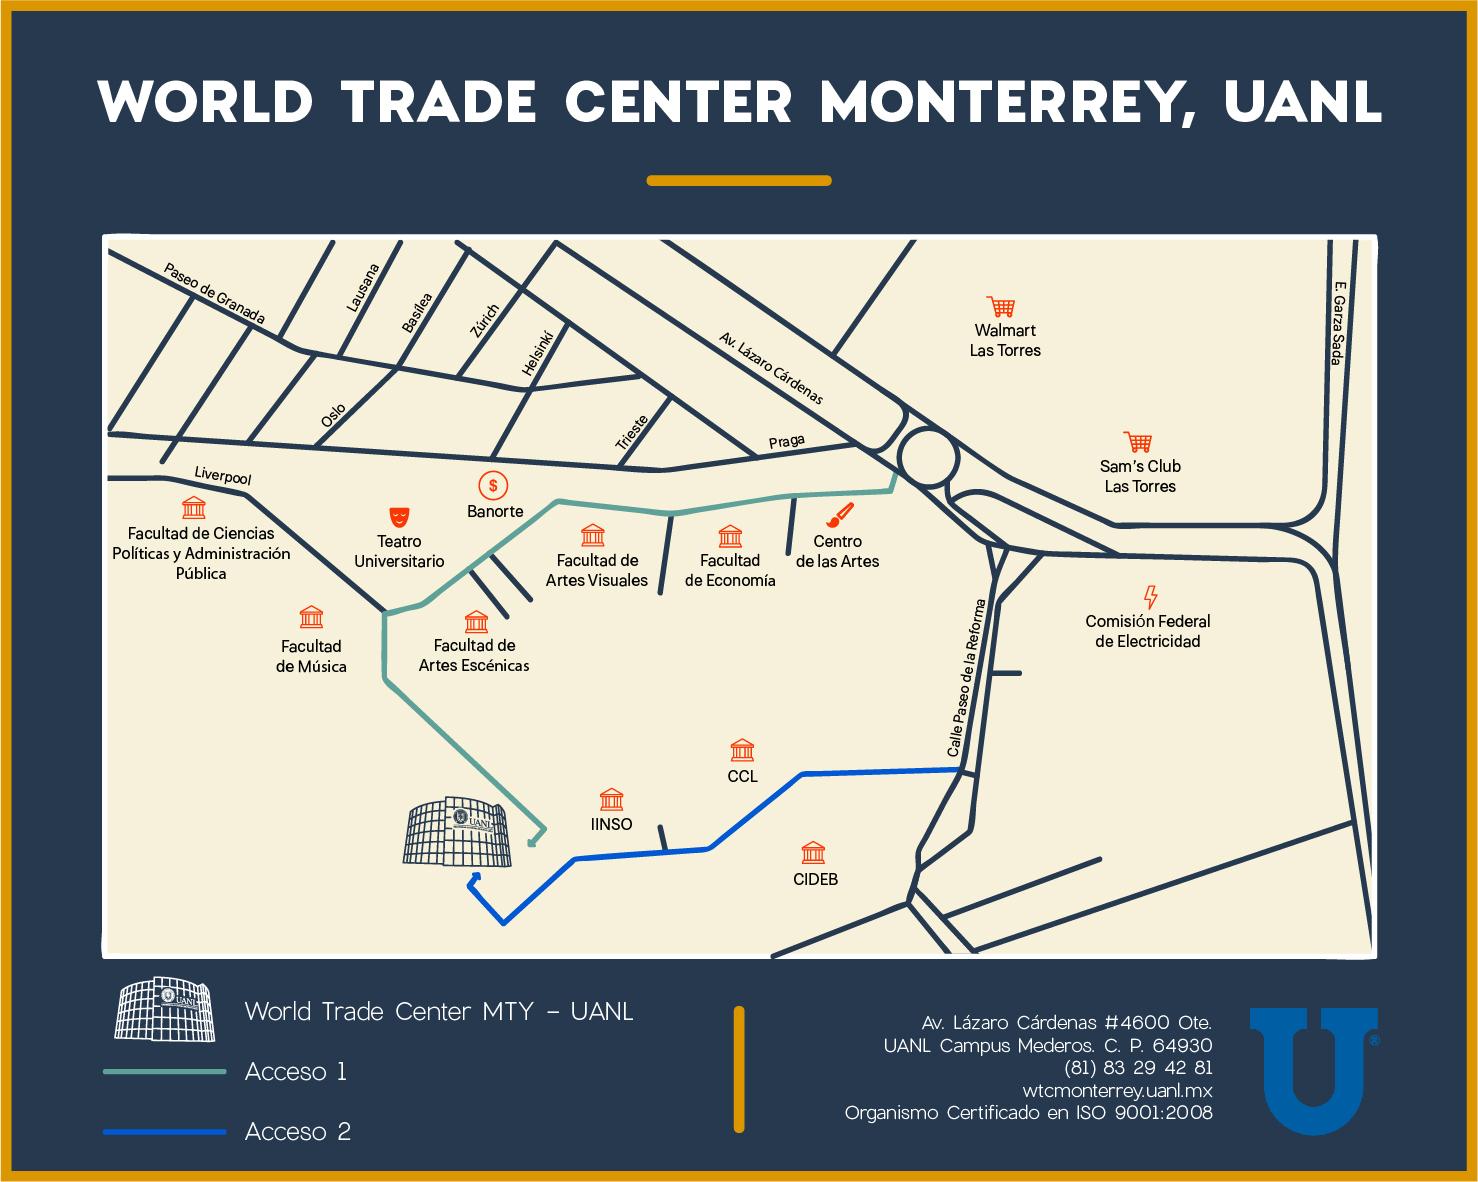 Croquis WTC Monterrey UANL